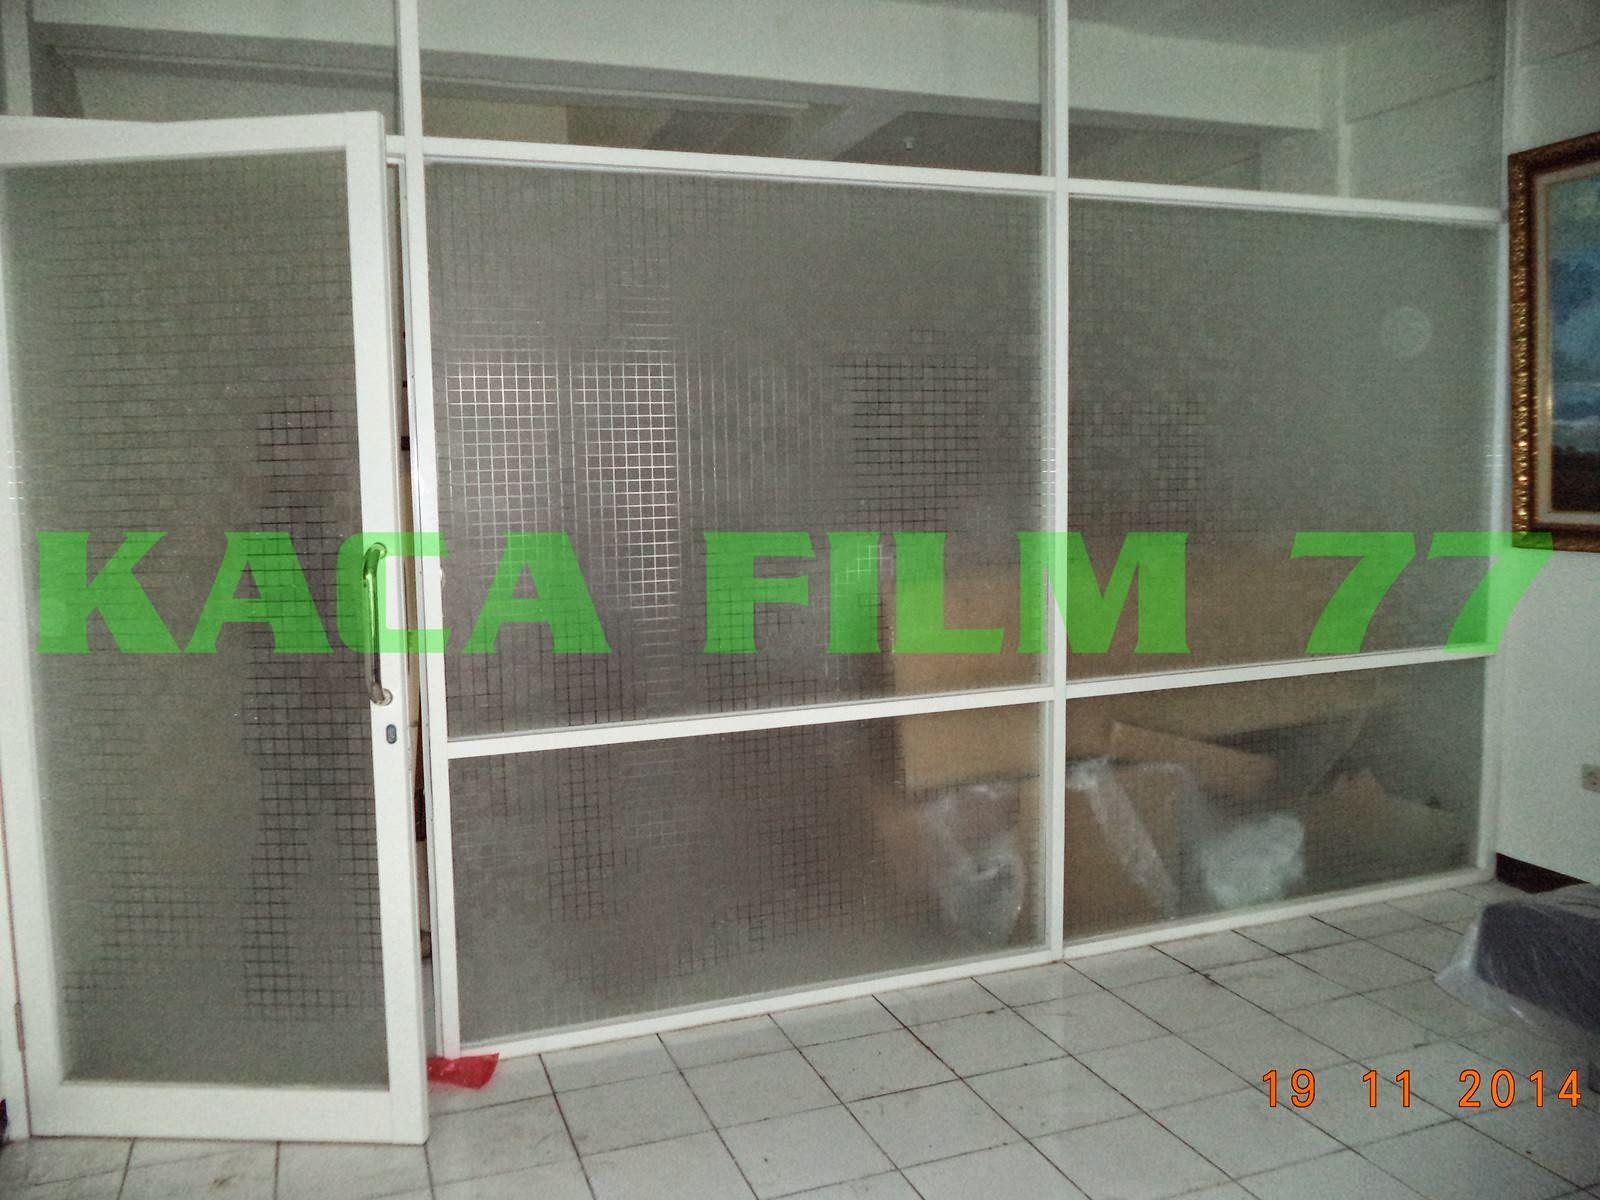 http://2.bp.blogspot.com/-cb5wj-qid6k/VRKoe-0SBiI/AAAAAAAAtRE/k0M8ufBoIdg/s1600/DSC0019877.JPG